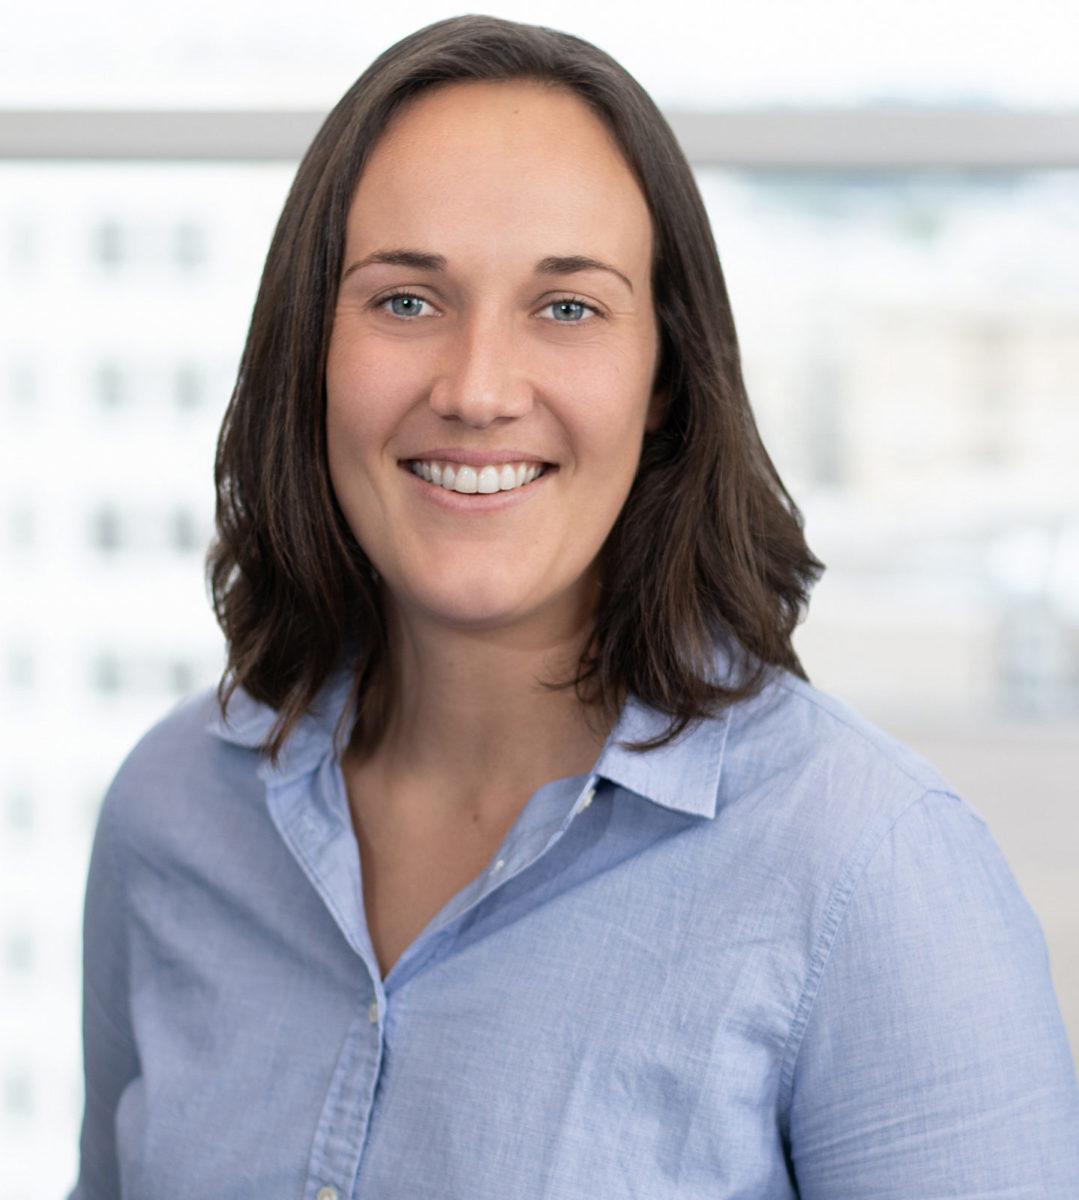 Kara R. Scheu, Ph.D.'s headshot